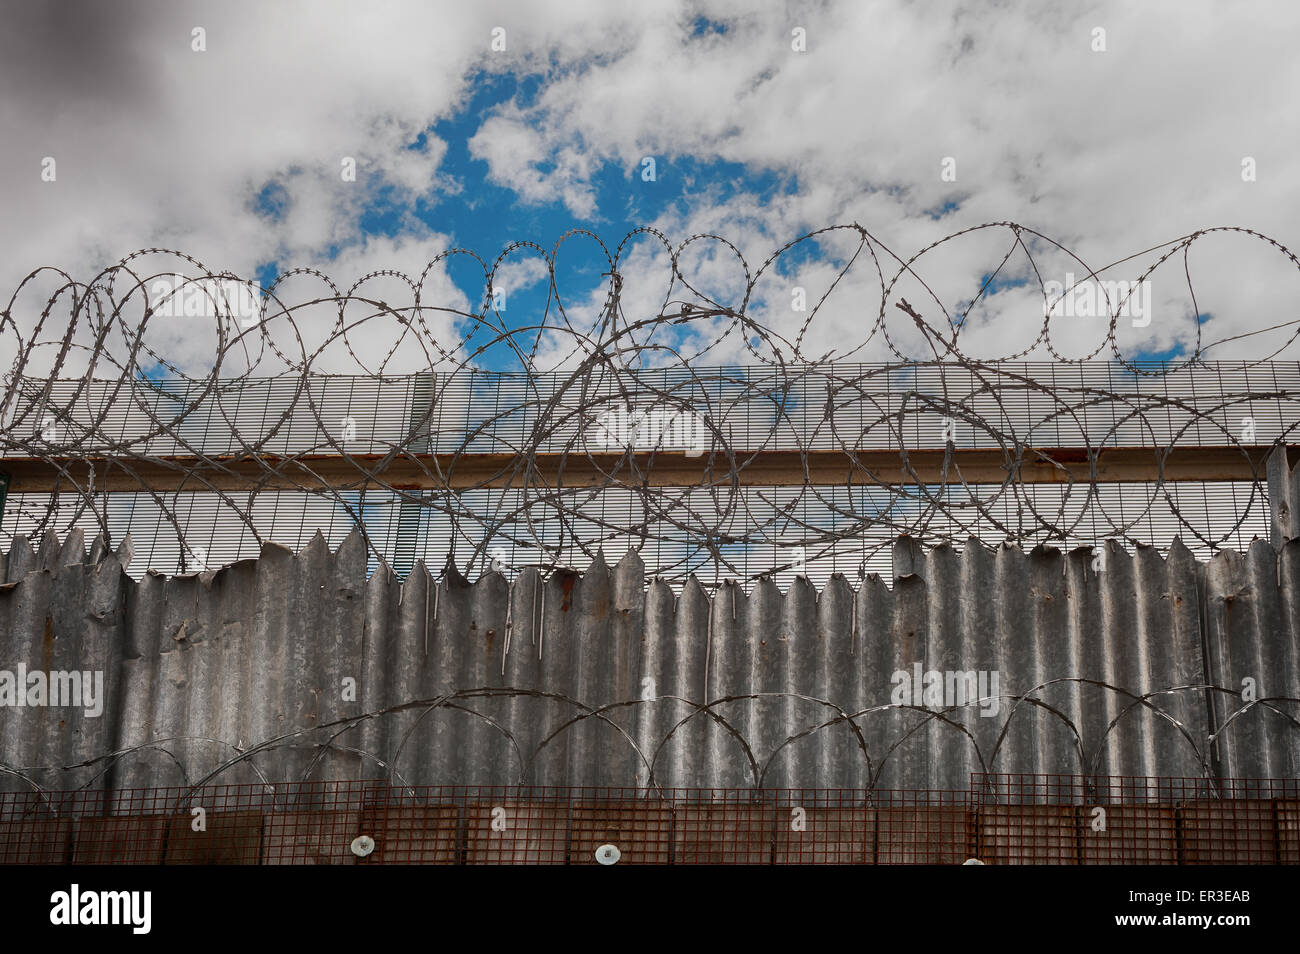 Galvanizado Alambre de cuchillas de alta seguridad y los alambres de púas disuasivo para frenar la escalada Imagen De Stock